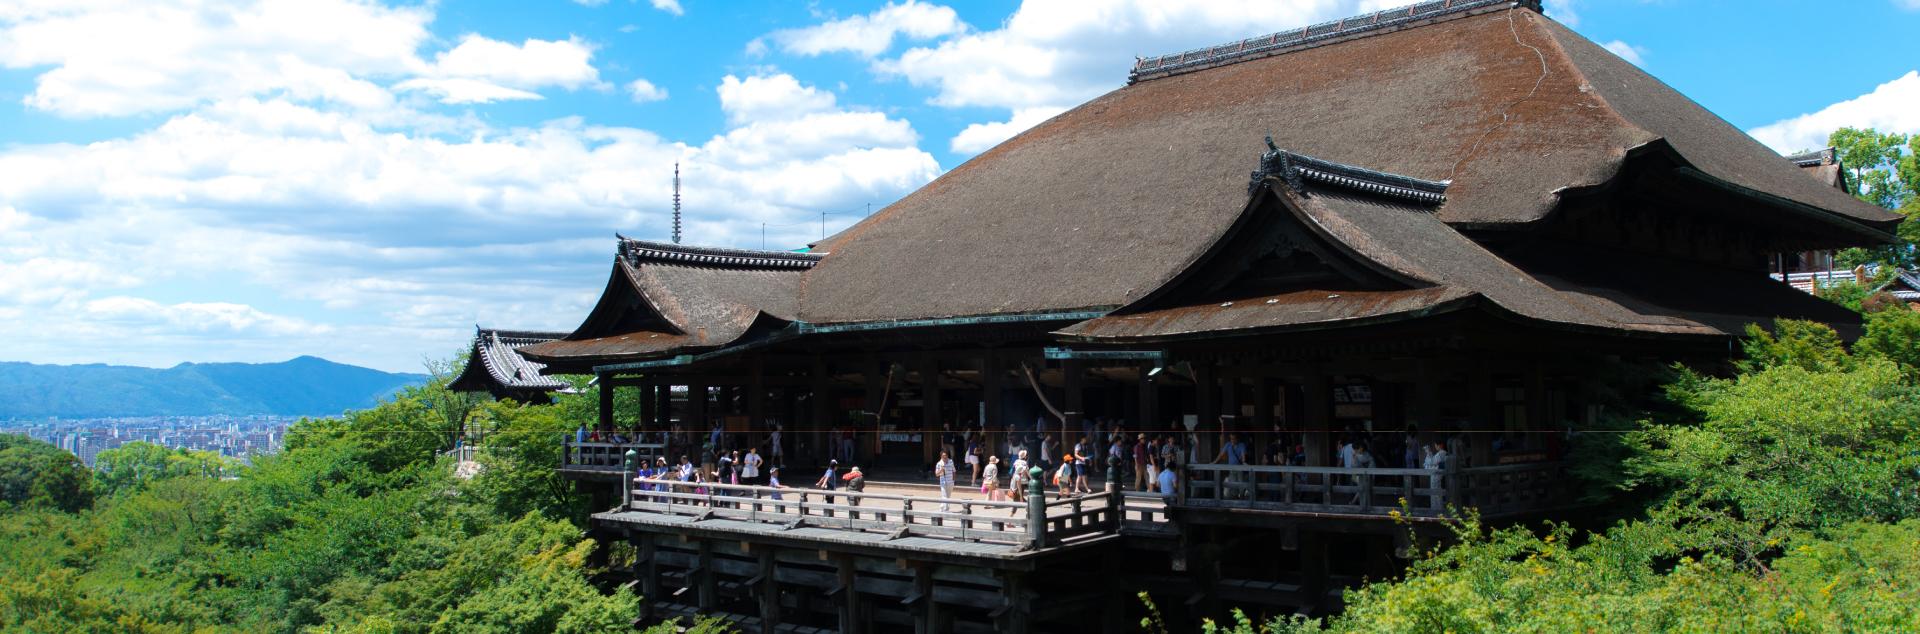 京都駅・河原町駅周辺でiPhoneの水没復旧! 評判の良いiPhone修理店4選